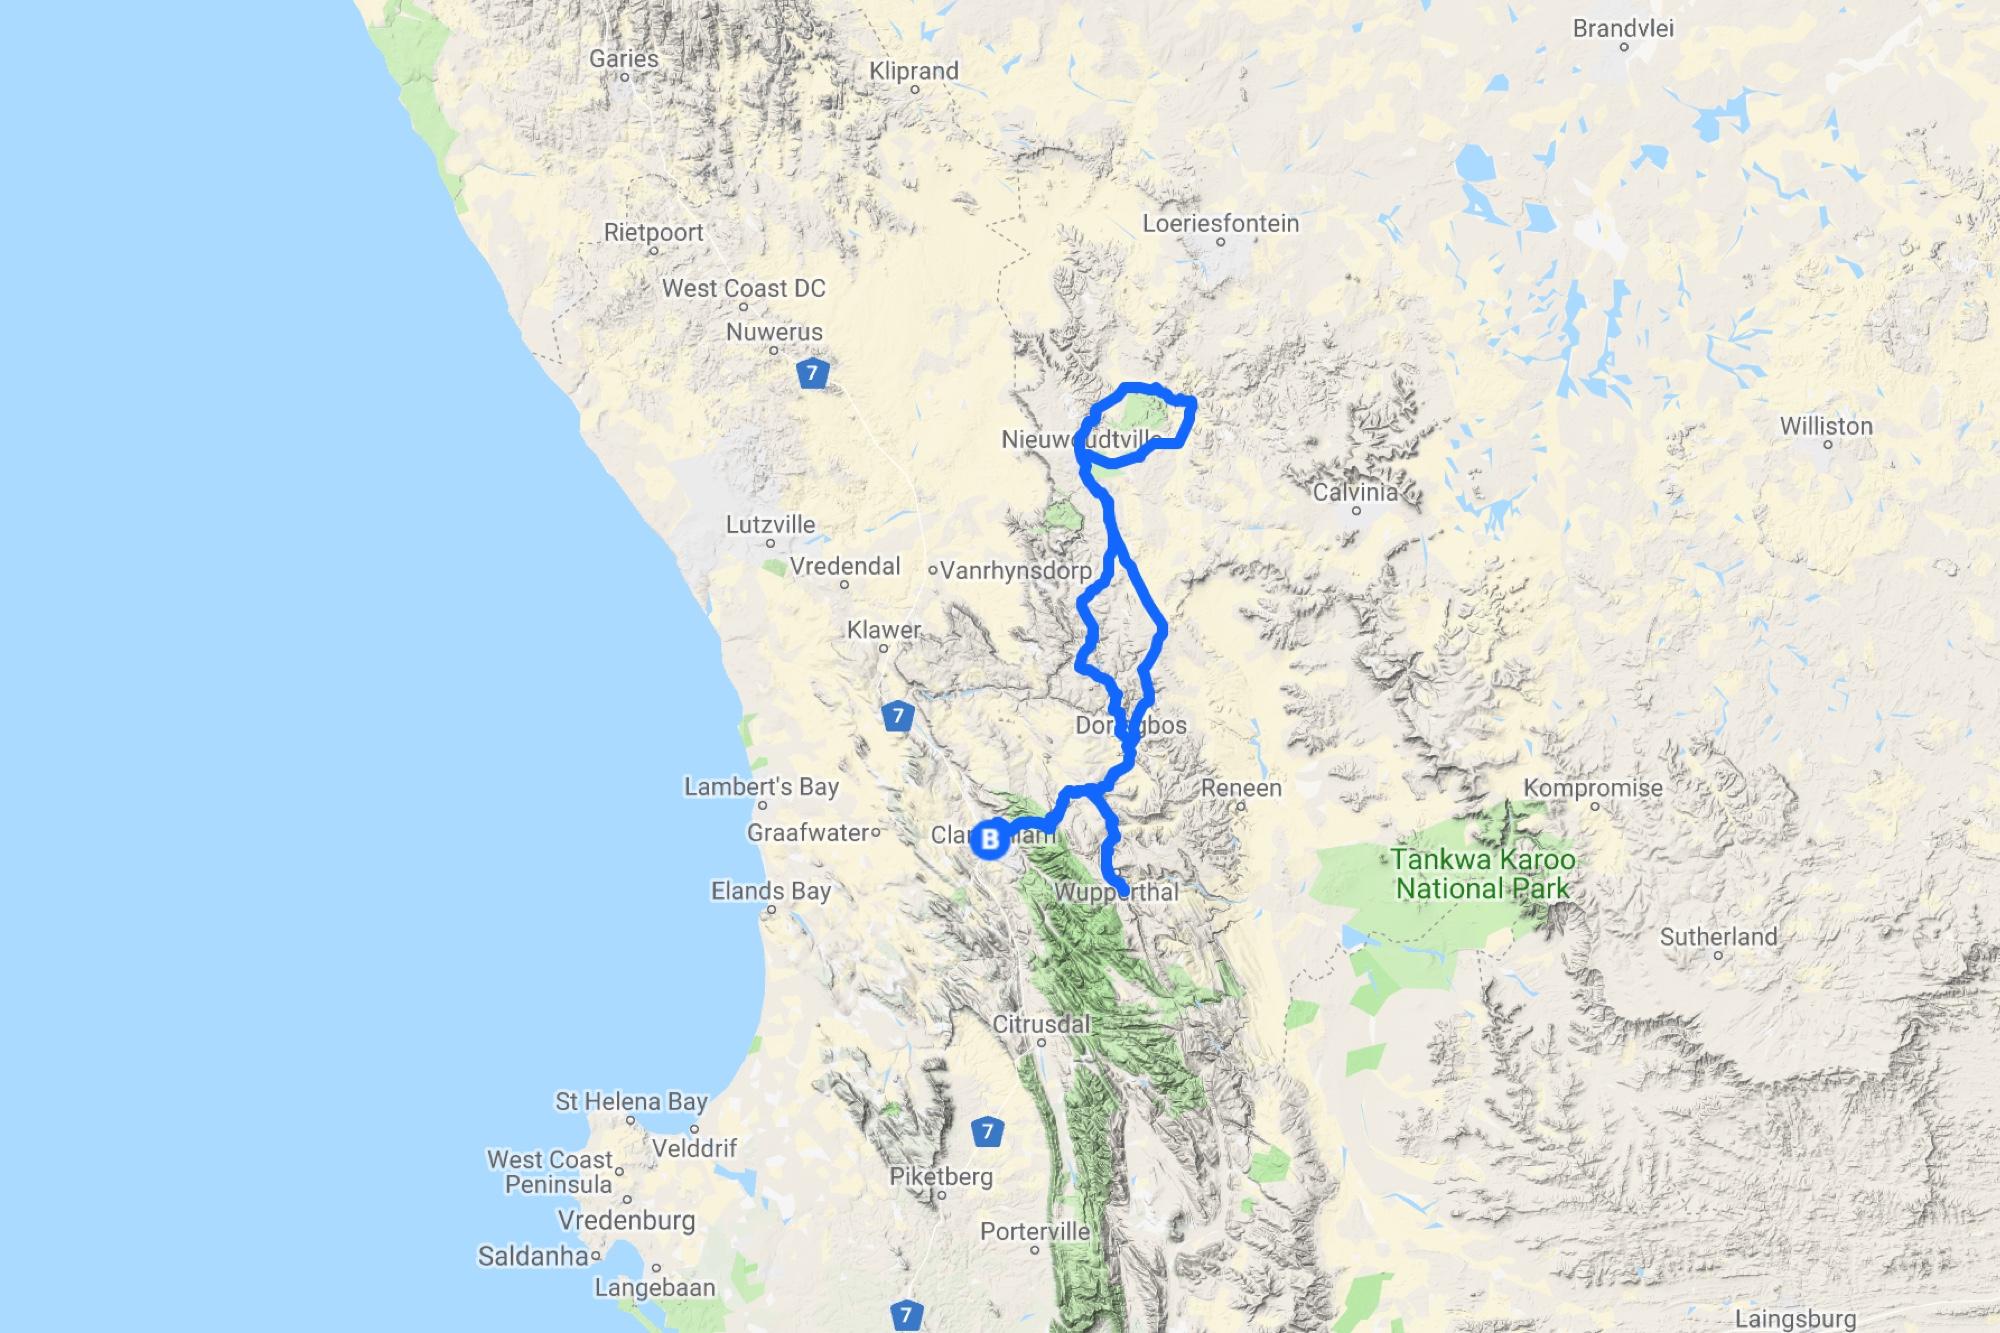 Roiboos route map.jpg